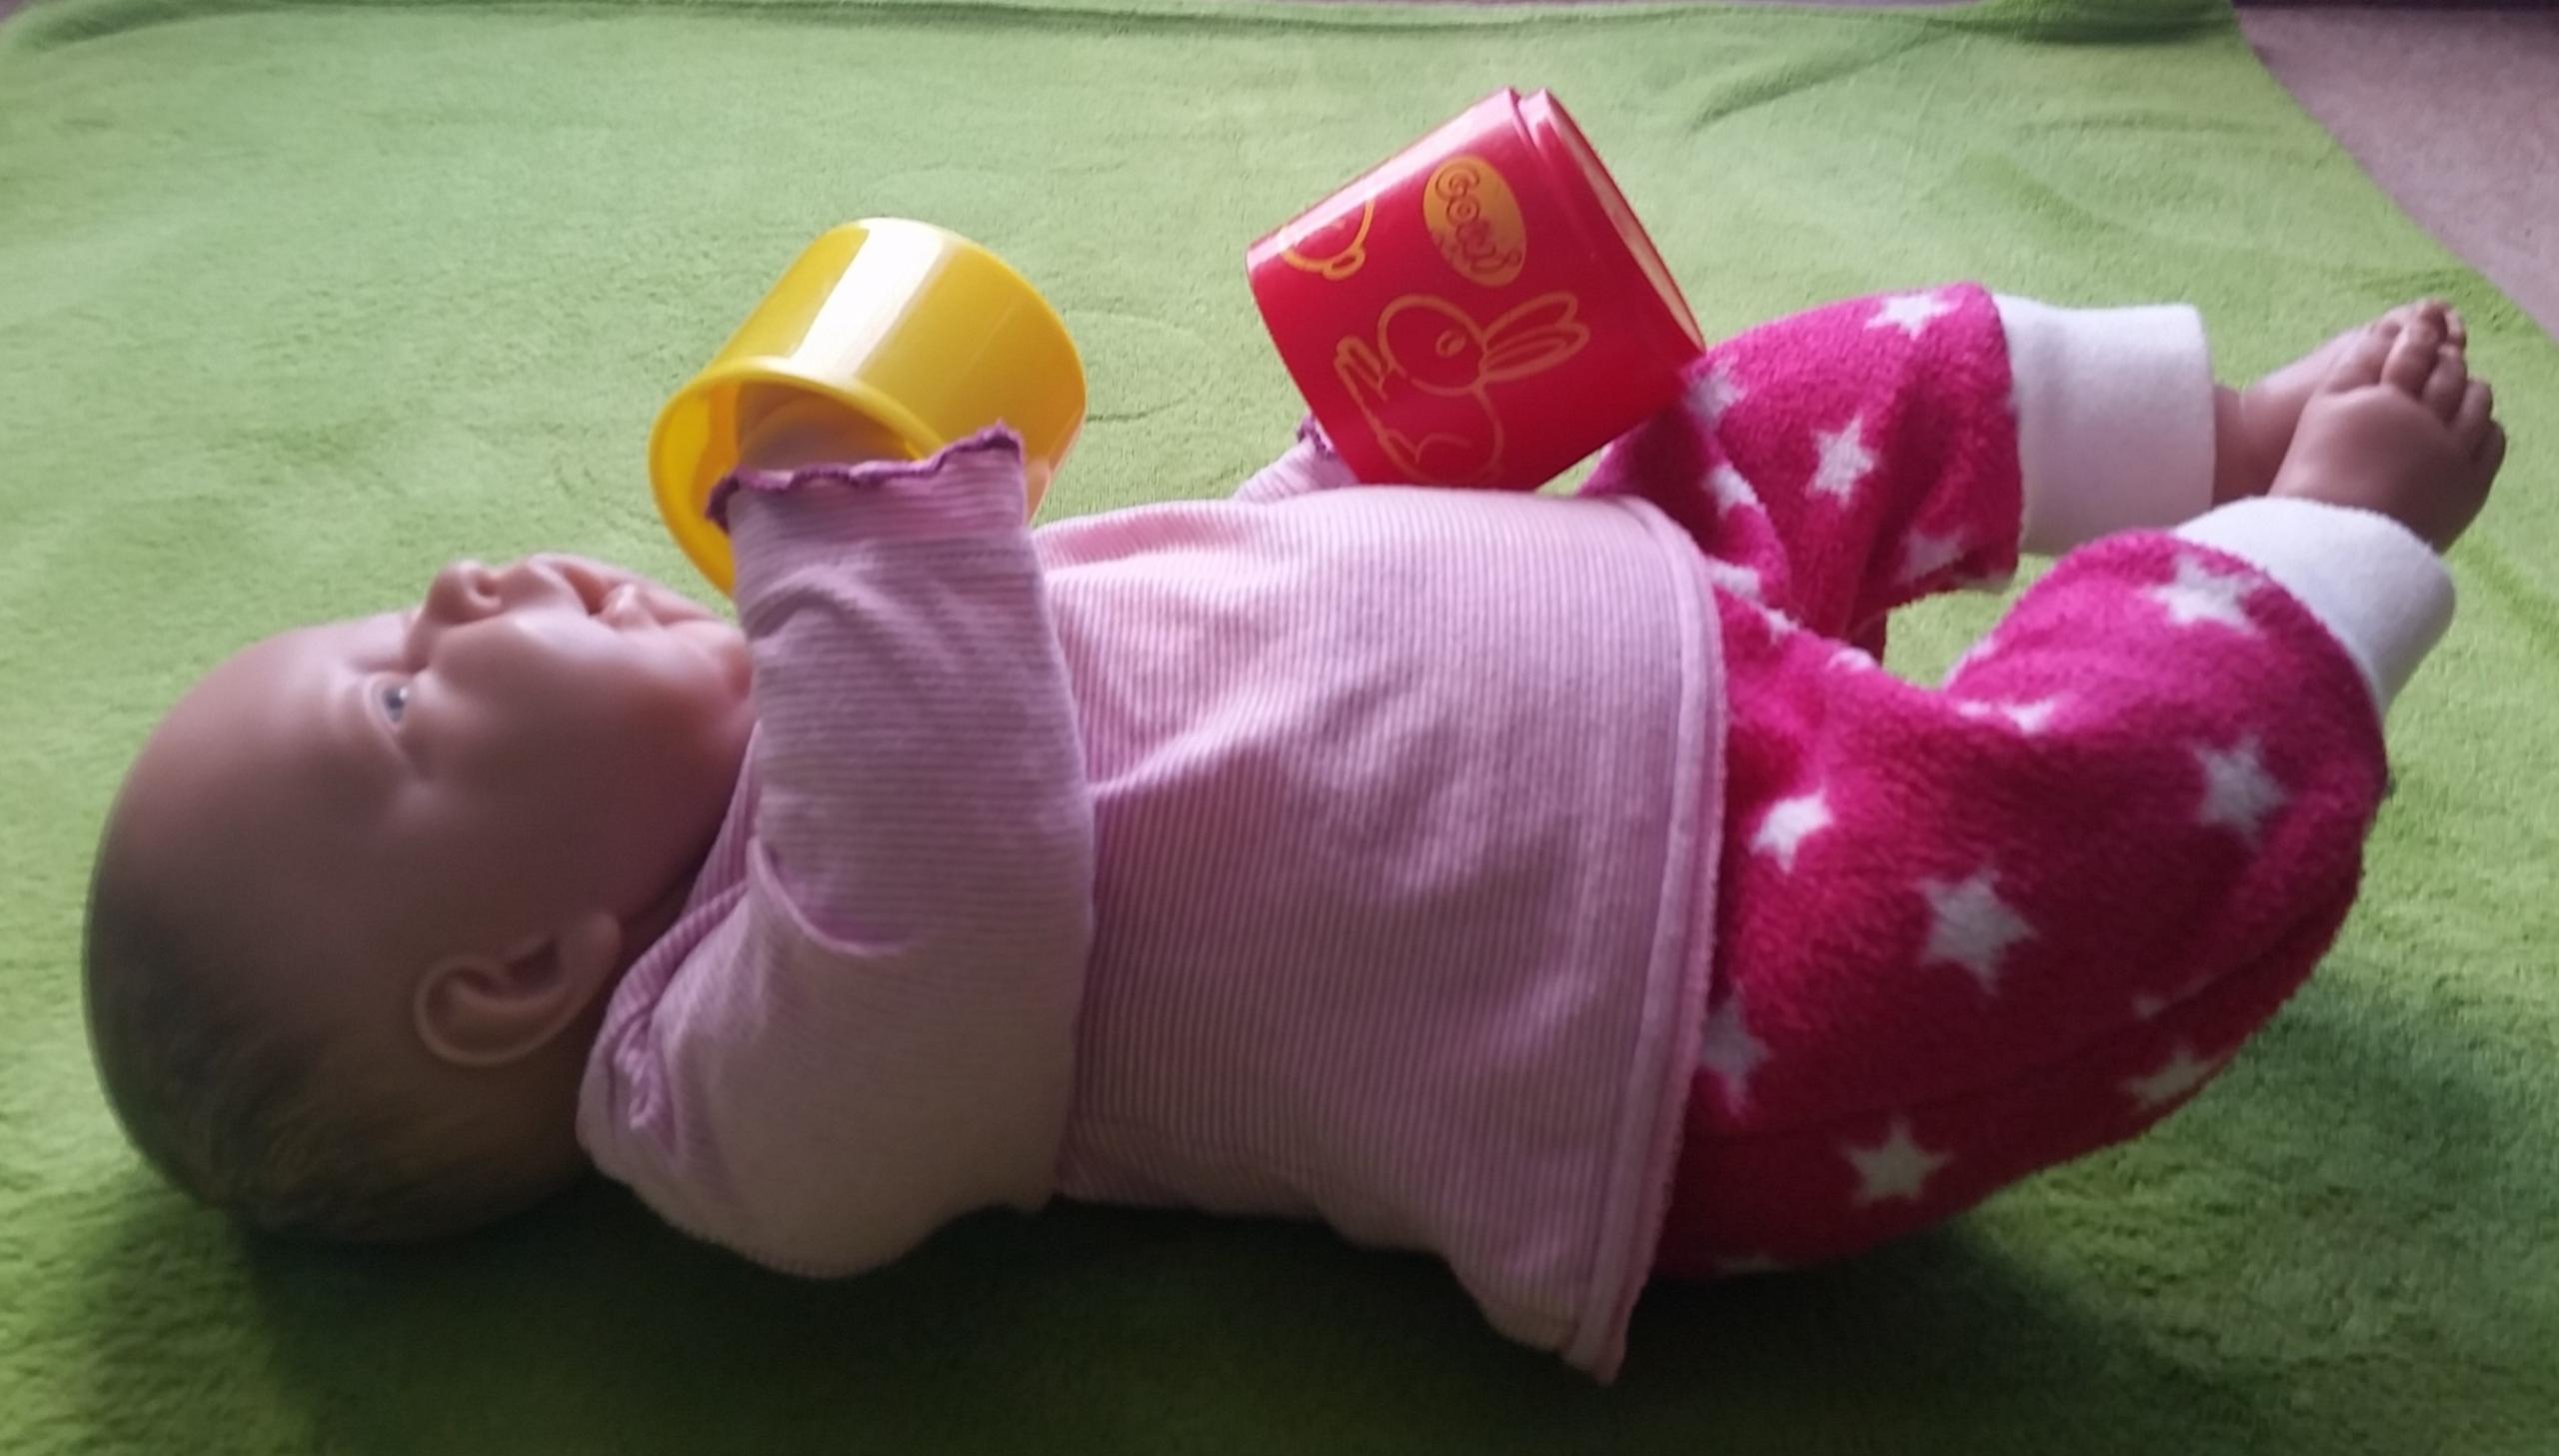 Das Kind hält 2 Becher mit den Händen.